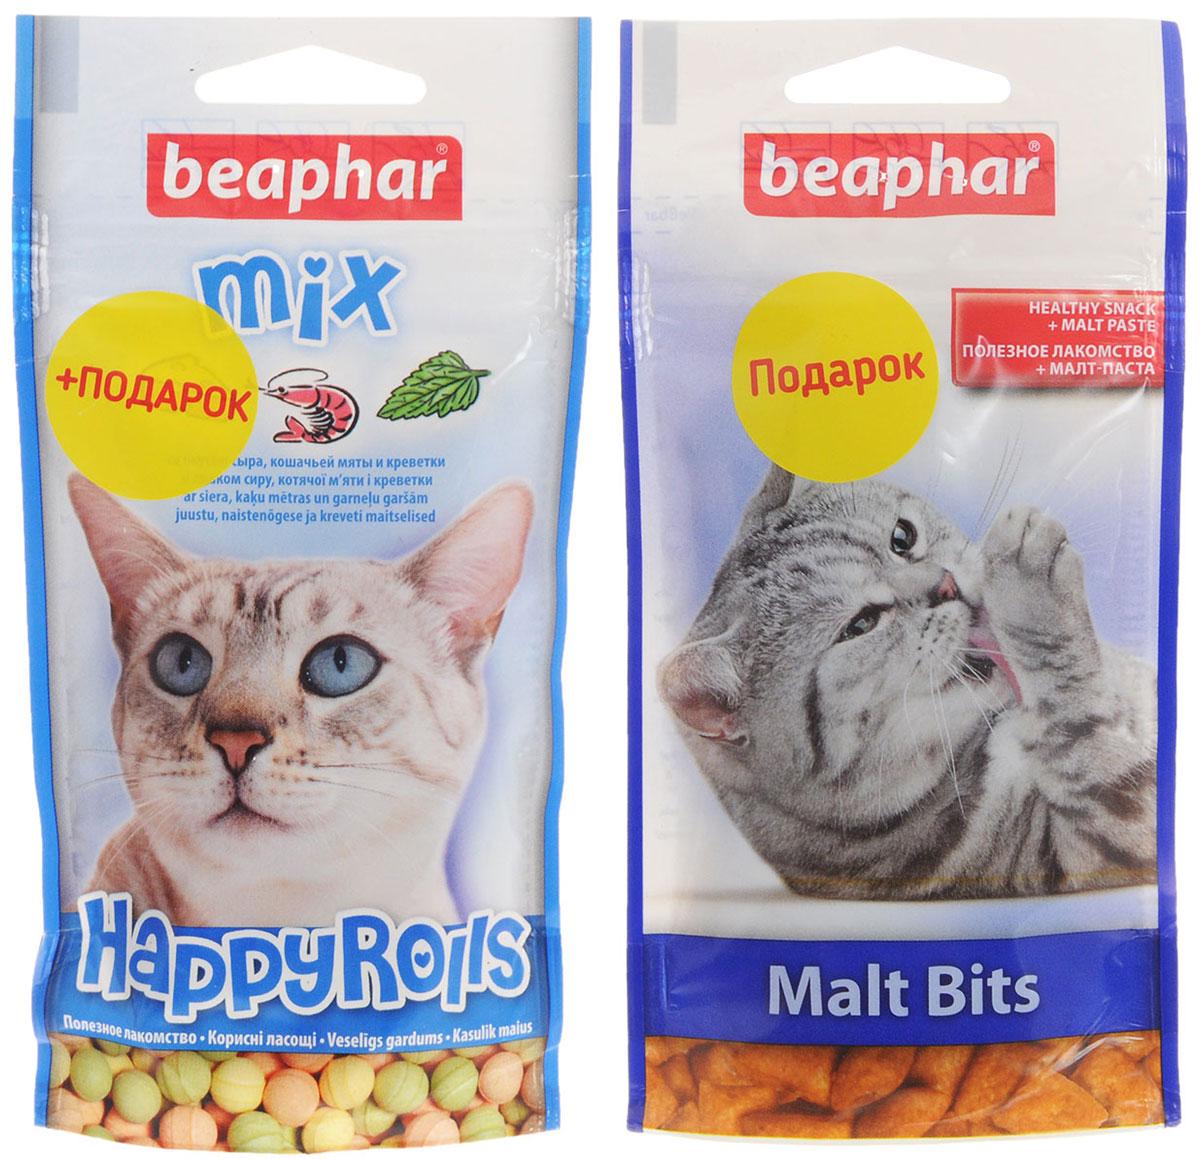 Лакомство для кошек Beaphar Happy Rolls Mix, 80 шт (44,2 г) + ПОДАРОК: Лакомство для кошек Beaphar Malt Bits, 35 г13184_синий, + подарокЛакомство Beaphar Happy Rolls Mix с креветками, сыром и кошачьей мятой для кошек очень вкусно и полезно. Оно содержит витамины, минералы и микроэлементы. Улучшает настроение, а также помогает уберечь кошку от стрессов. Применяется в качестве лакомства для кошек, начиная с 6-месячного возраста. В подарок входит лакомство для кошек и котят от Beaphar Malt Bits - хрустящие подушечки с наполнителем малт-пасты. Состав лакомства Beaphar Happy Rolls Mix: молоко и молочные продукты, сахар, минералы, мясо и мясопродукты (более 4% ливер), рыба и рыбопродукты (более 4% креветок). Анализ лакомства Beaphar Happy Rolls Mix: протеин (8,8%), жиры (2,8%), клетчатка (7,4%), зола (12,8%), влага (4,7%), кальций (1,8%), фосфор (1,3%), натрий (0,2%). Добавки лакомства Beaphar Happy Rolls Mix: микрокристаллическая целлюлоза Е 460, стеарат кальция E 470. Количество в упаковке лакомства Beaphar Happy Rolls Mix: 80 шт. ...